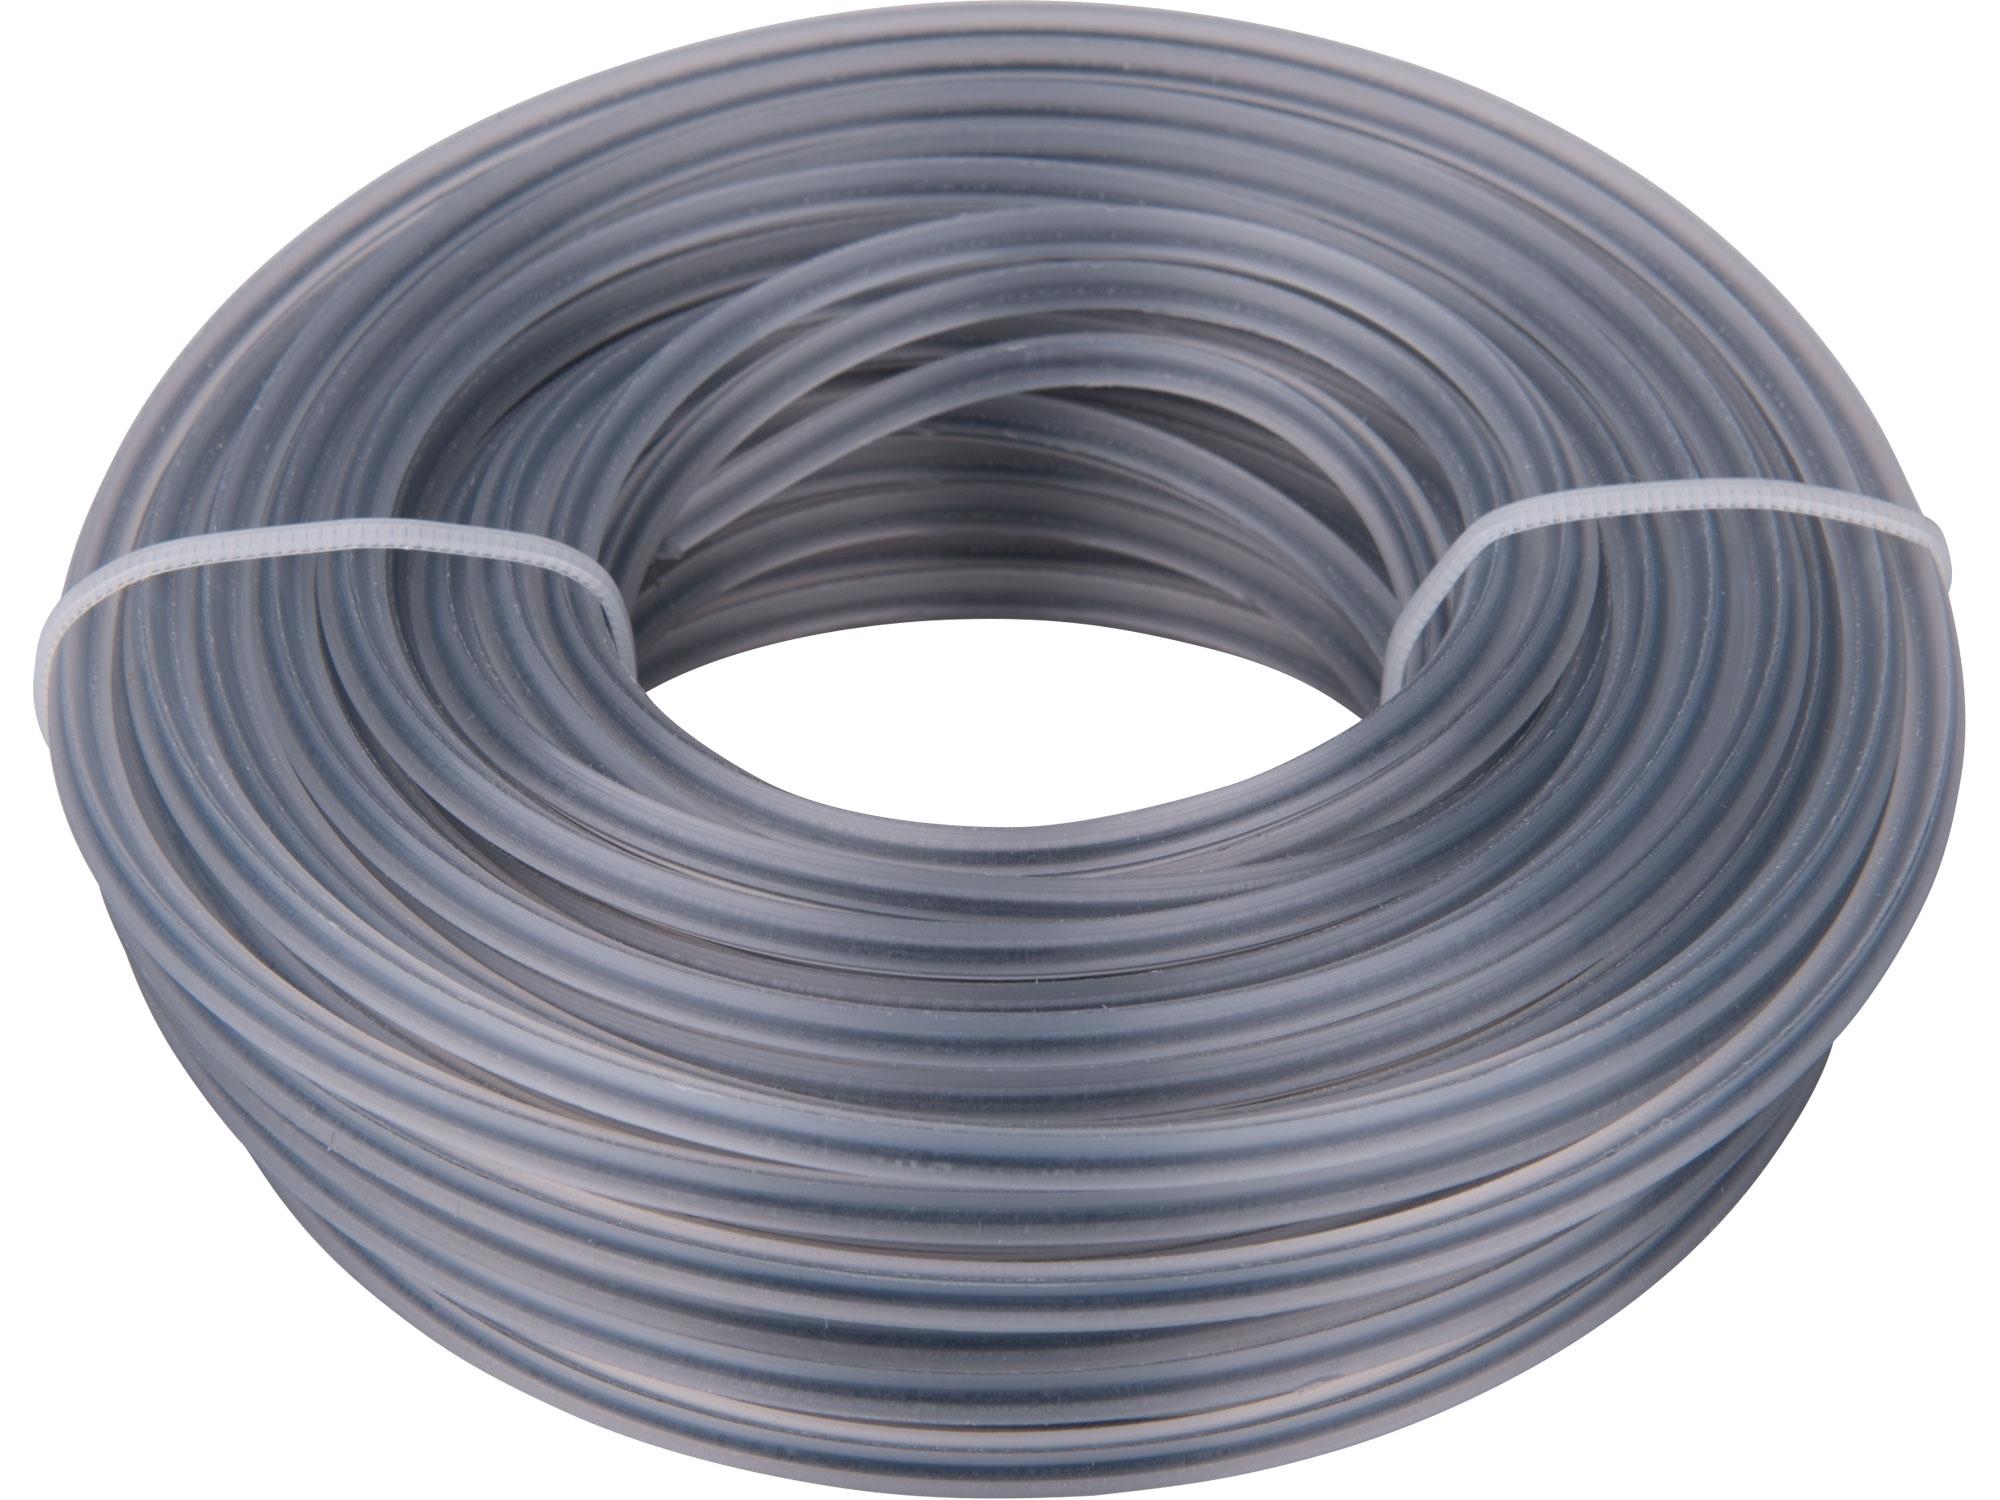 žací struna do sekačky s jádrem, čtvercový profil, 3,0mm, 15m, PA66